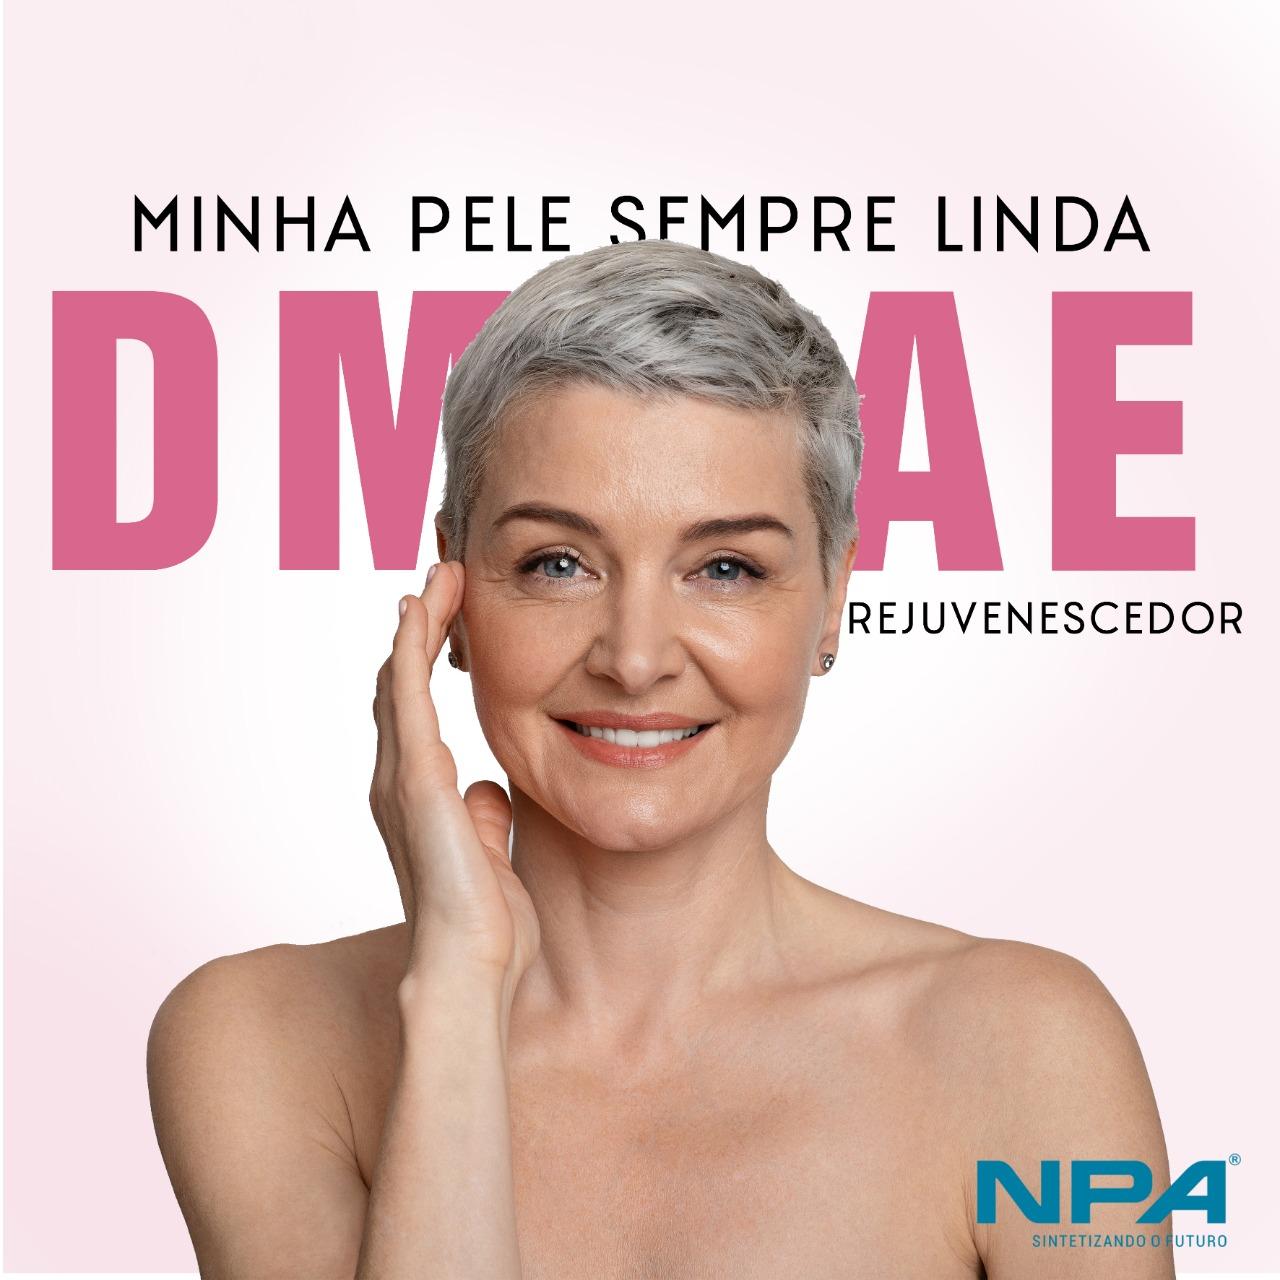 Como o uso do DMAE pode deixar sua pele mais jovem?